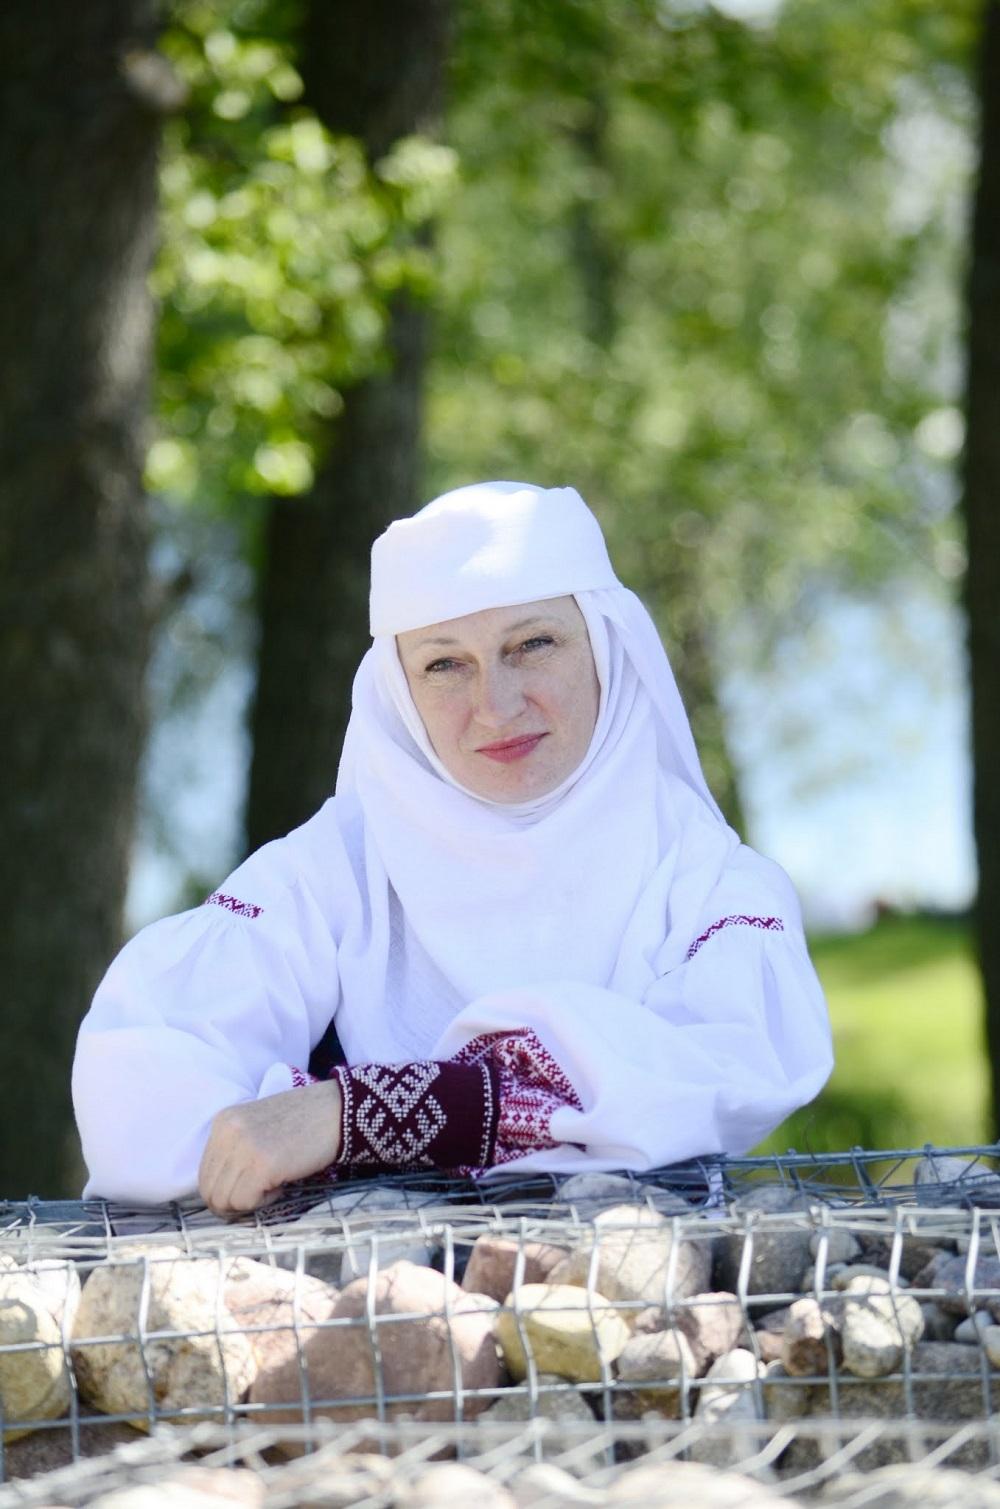 Audėja Birutė Andrijauskienė | Rengėjų nuotr.